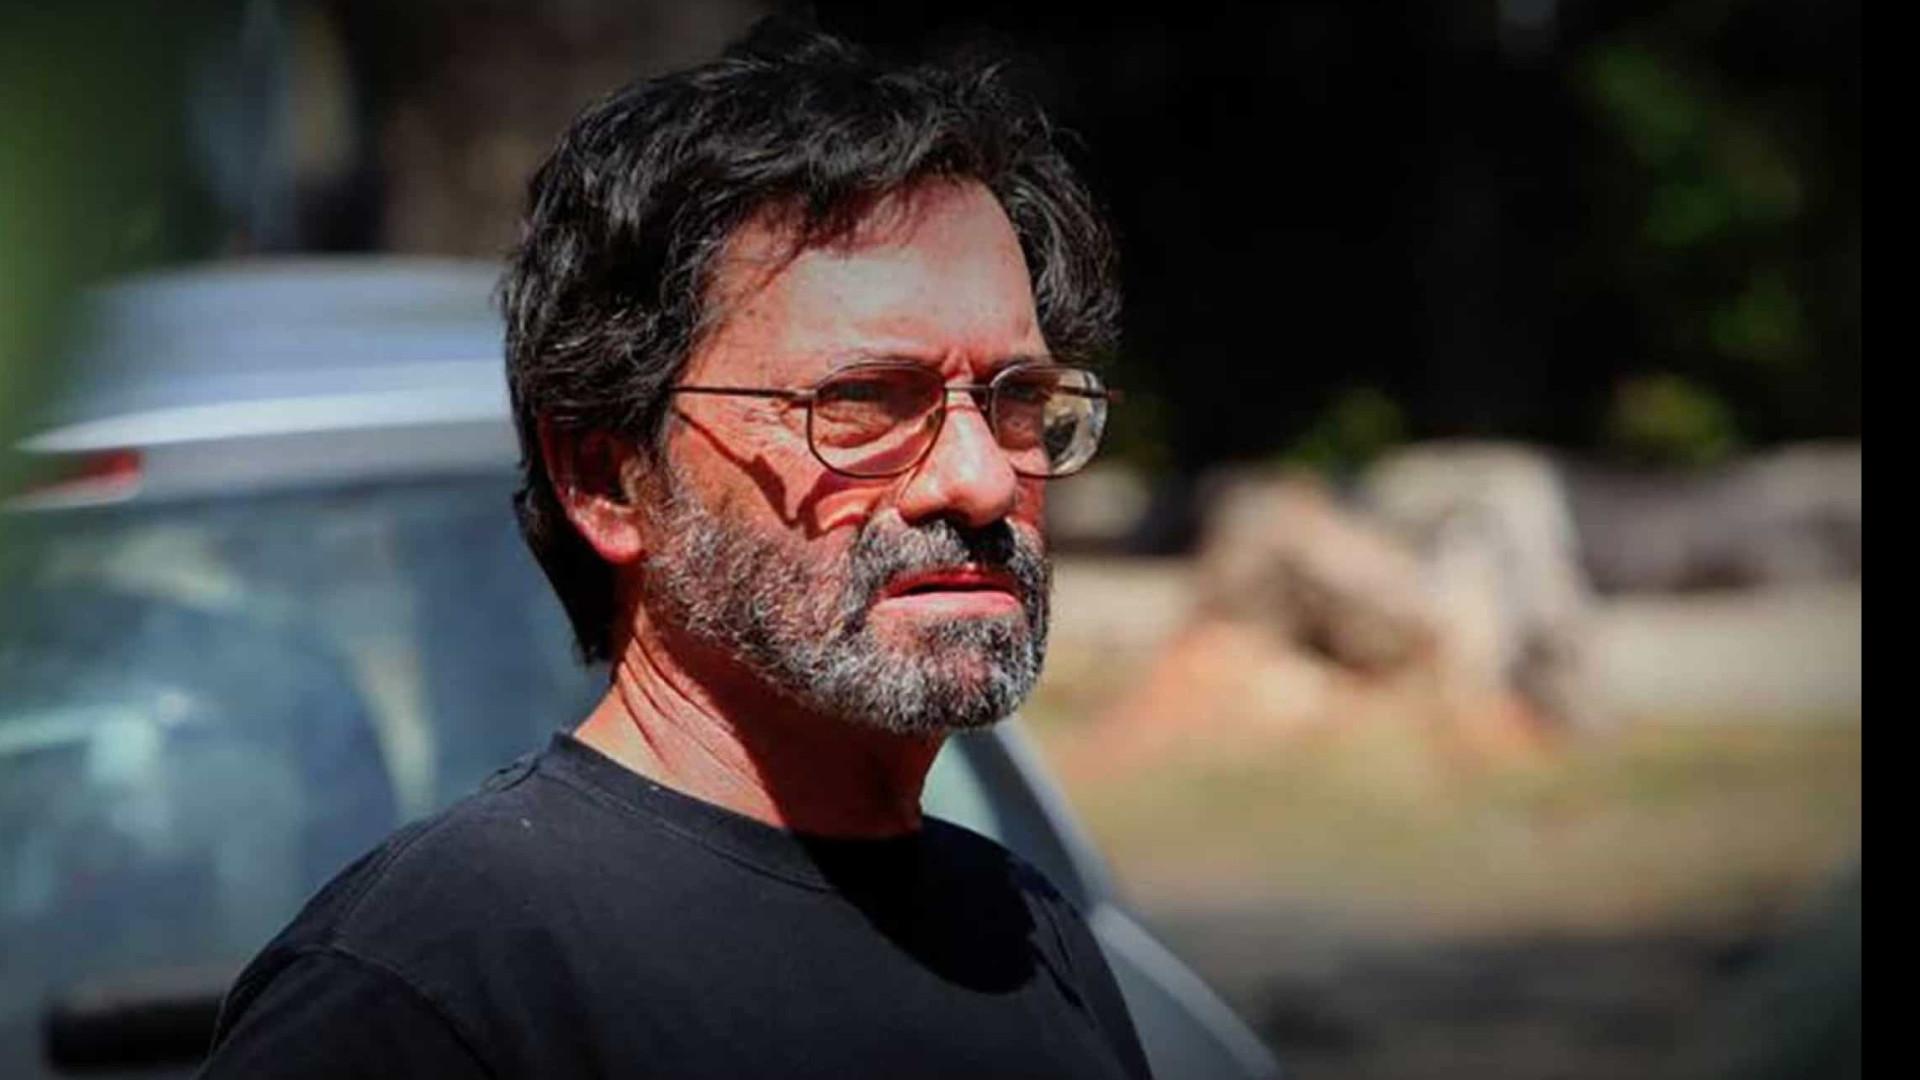 Morre o cineasta cubano Juan Carlos Tabío, diretor de 'Morango e Chocolate'